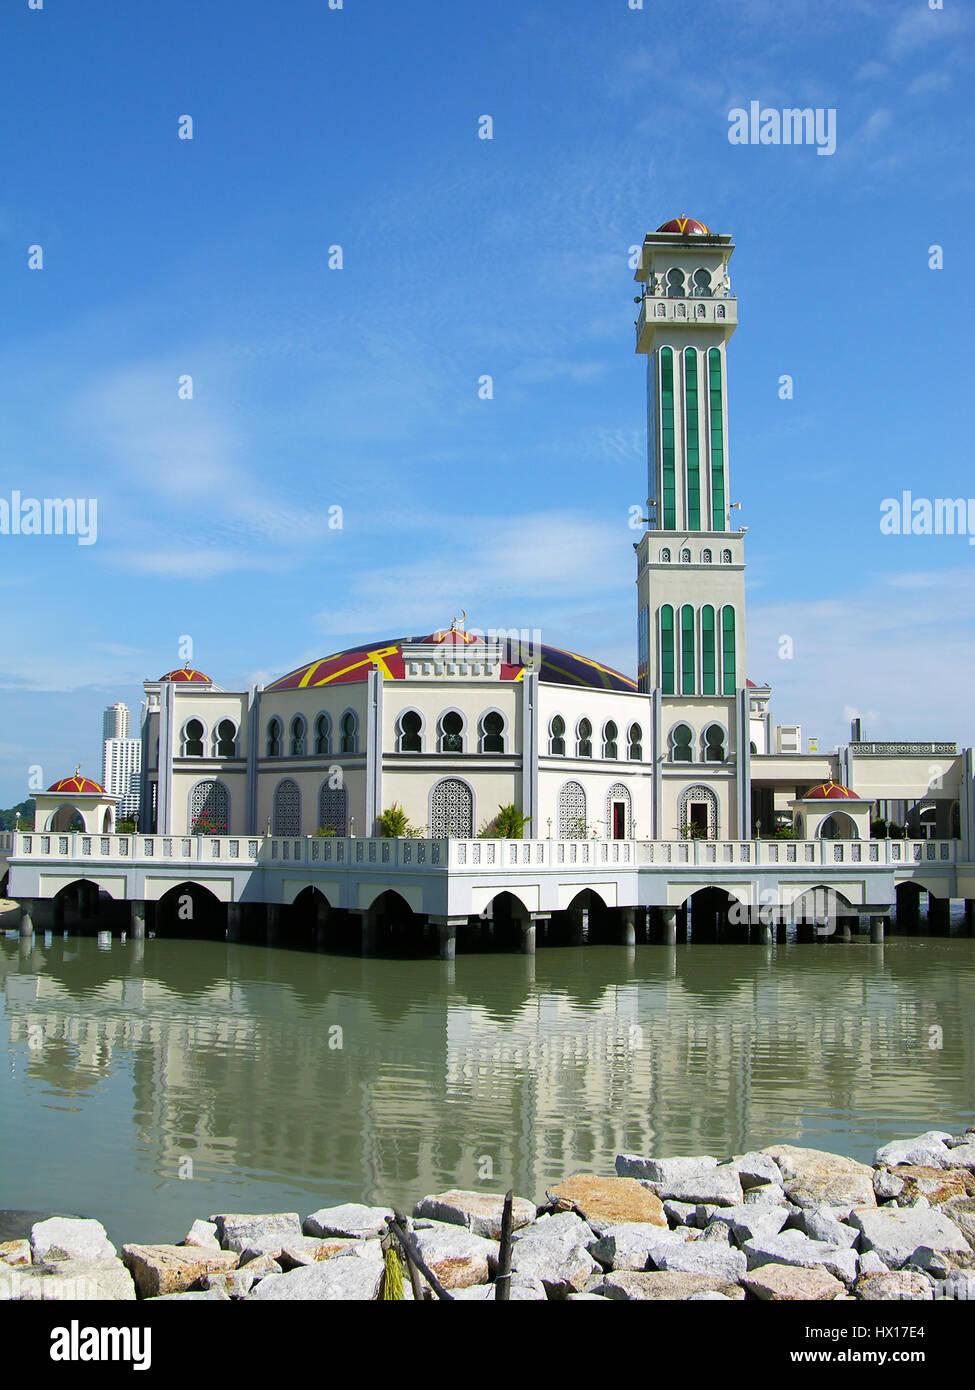 Floating Mosque of Tanjung Bungah, Penang island, Malaysia - Stock Image